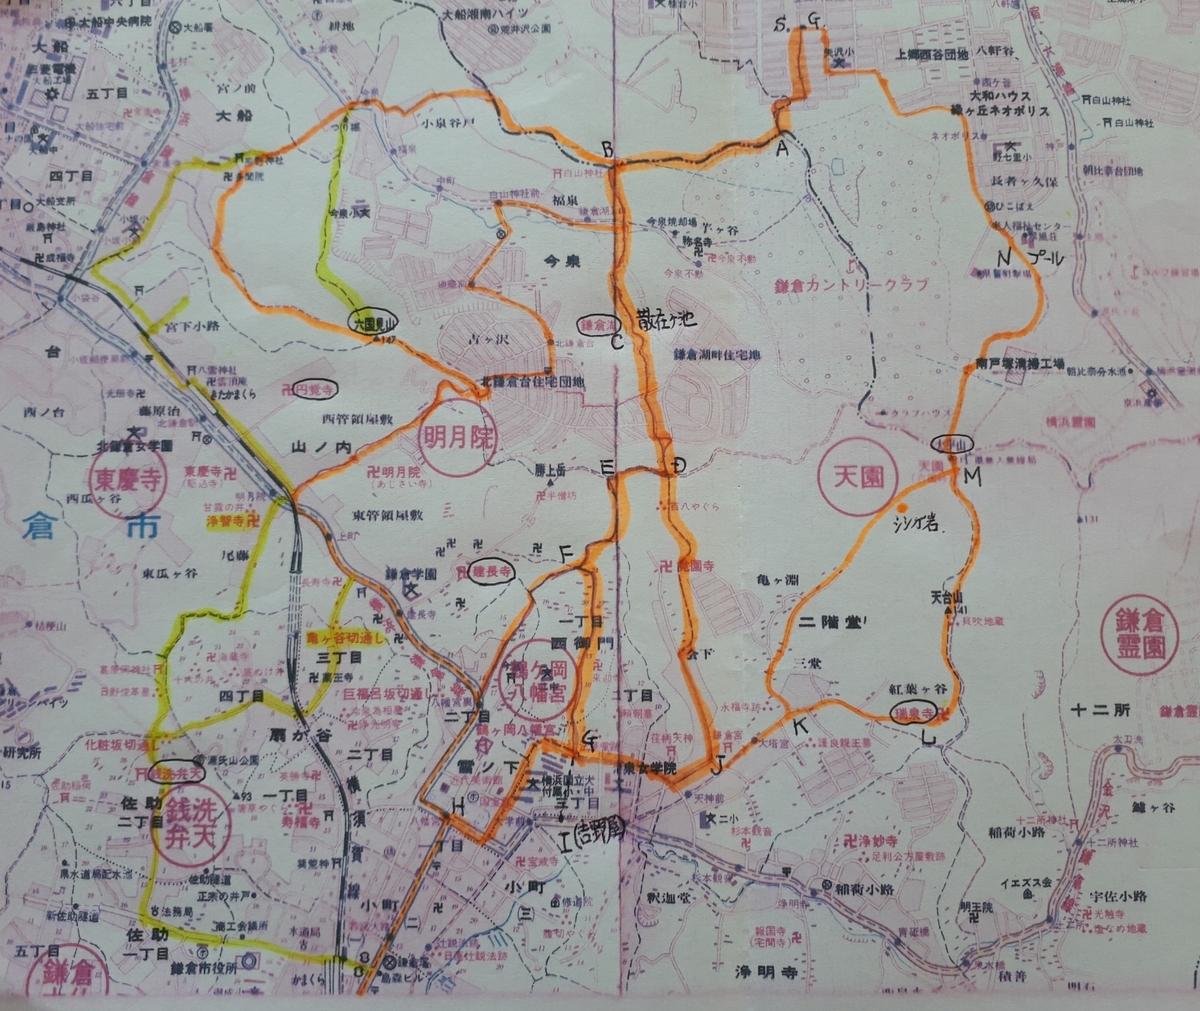 f:id:ken-jiiji-itohkun:20200804164131j:plain